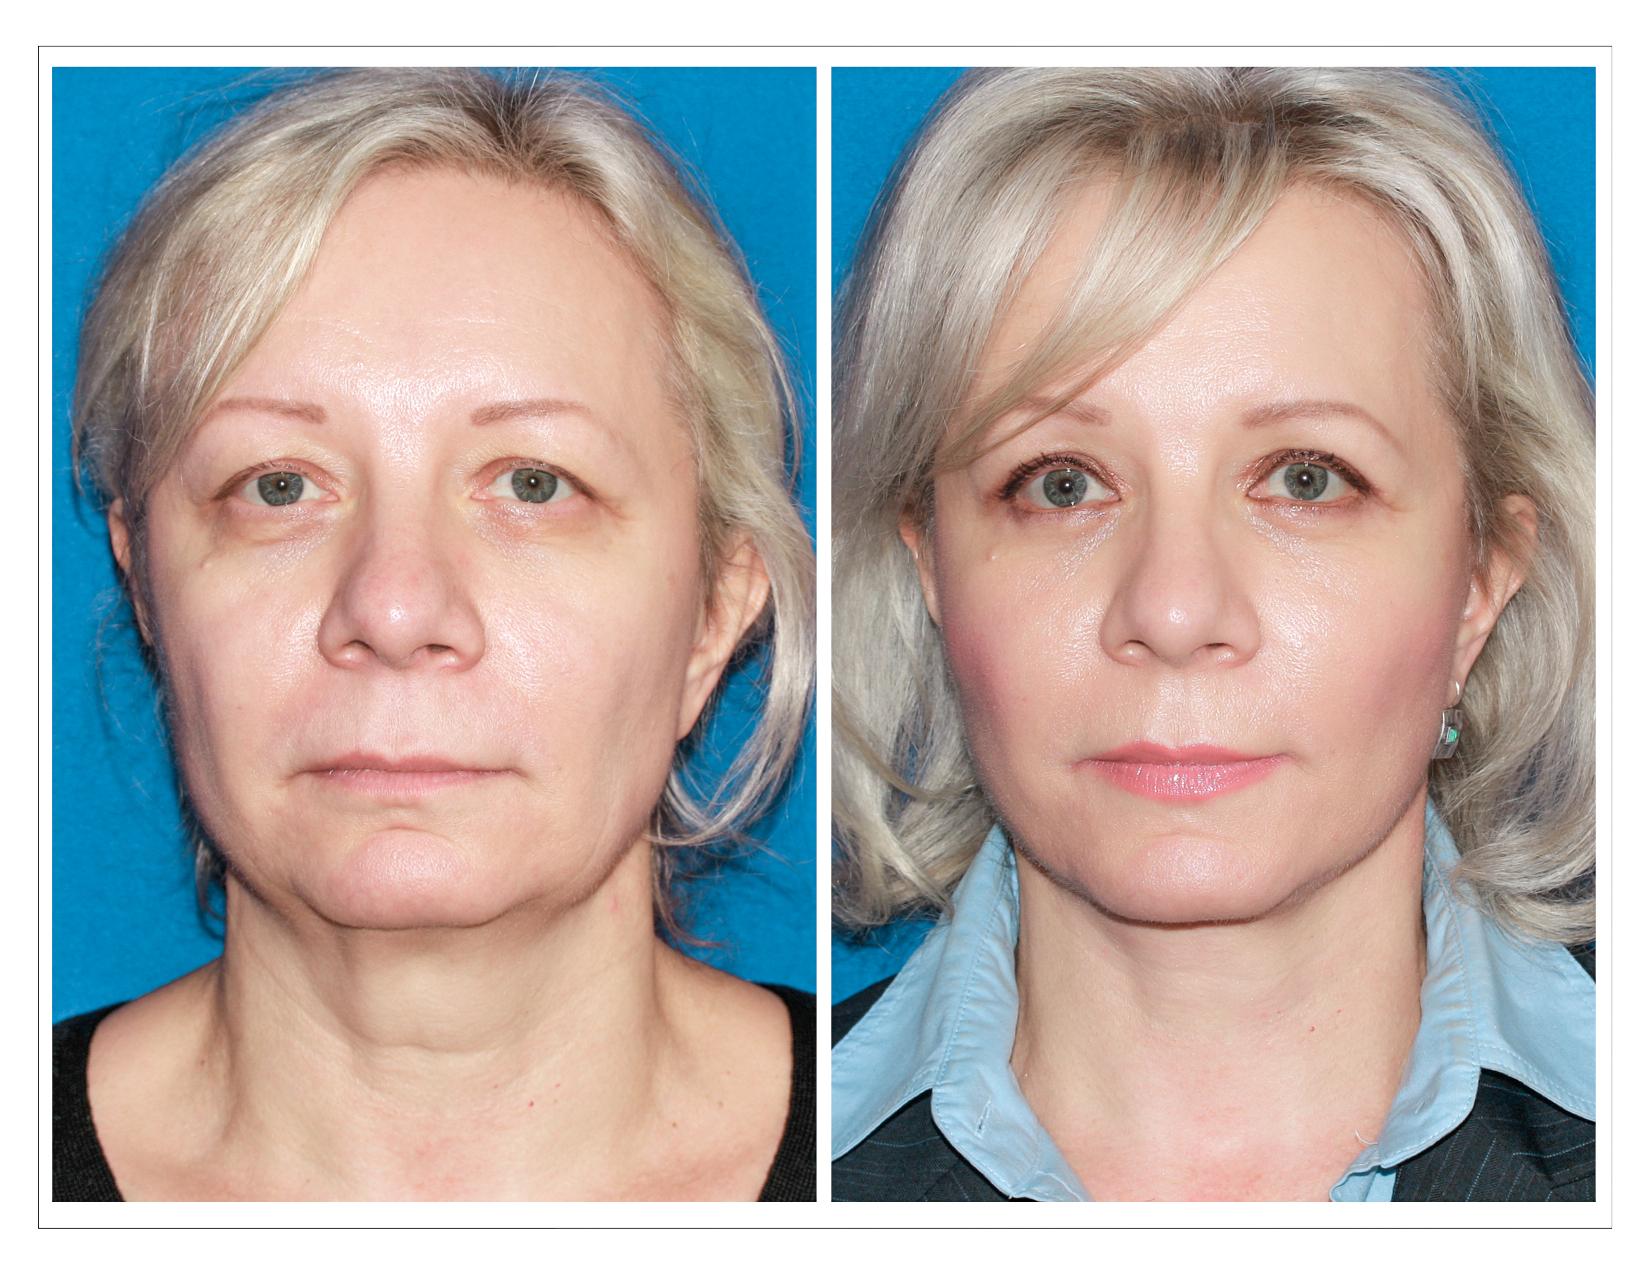 Рф-лифтинг - противопоказания и негативные последствия через несколько лет, побочные действия после процедуры для лица